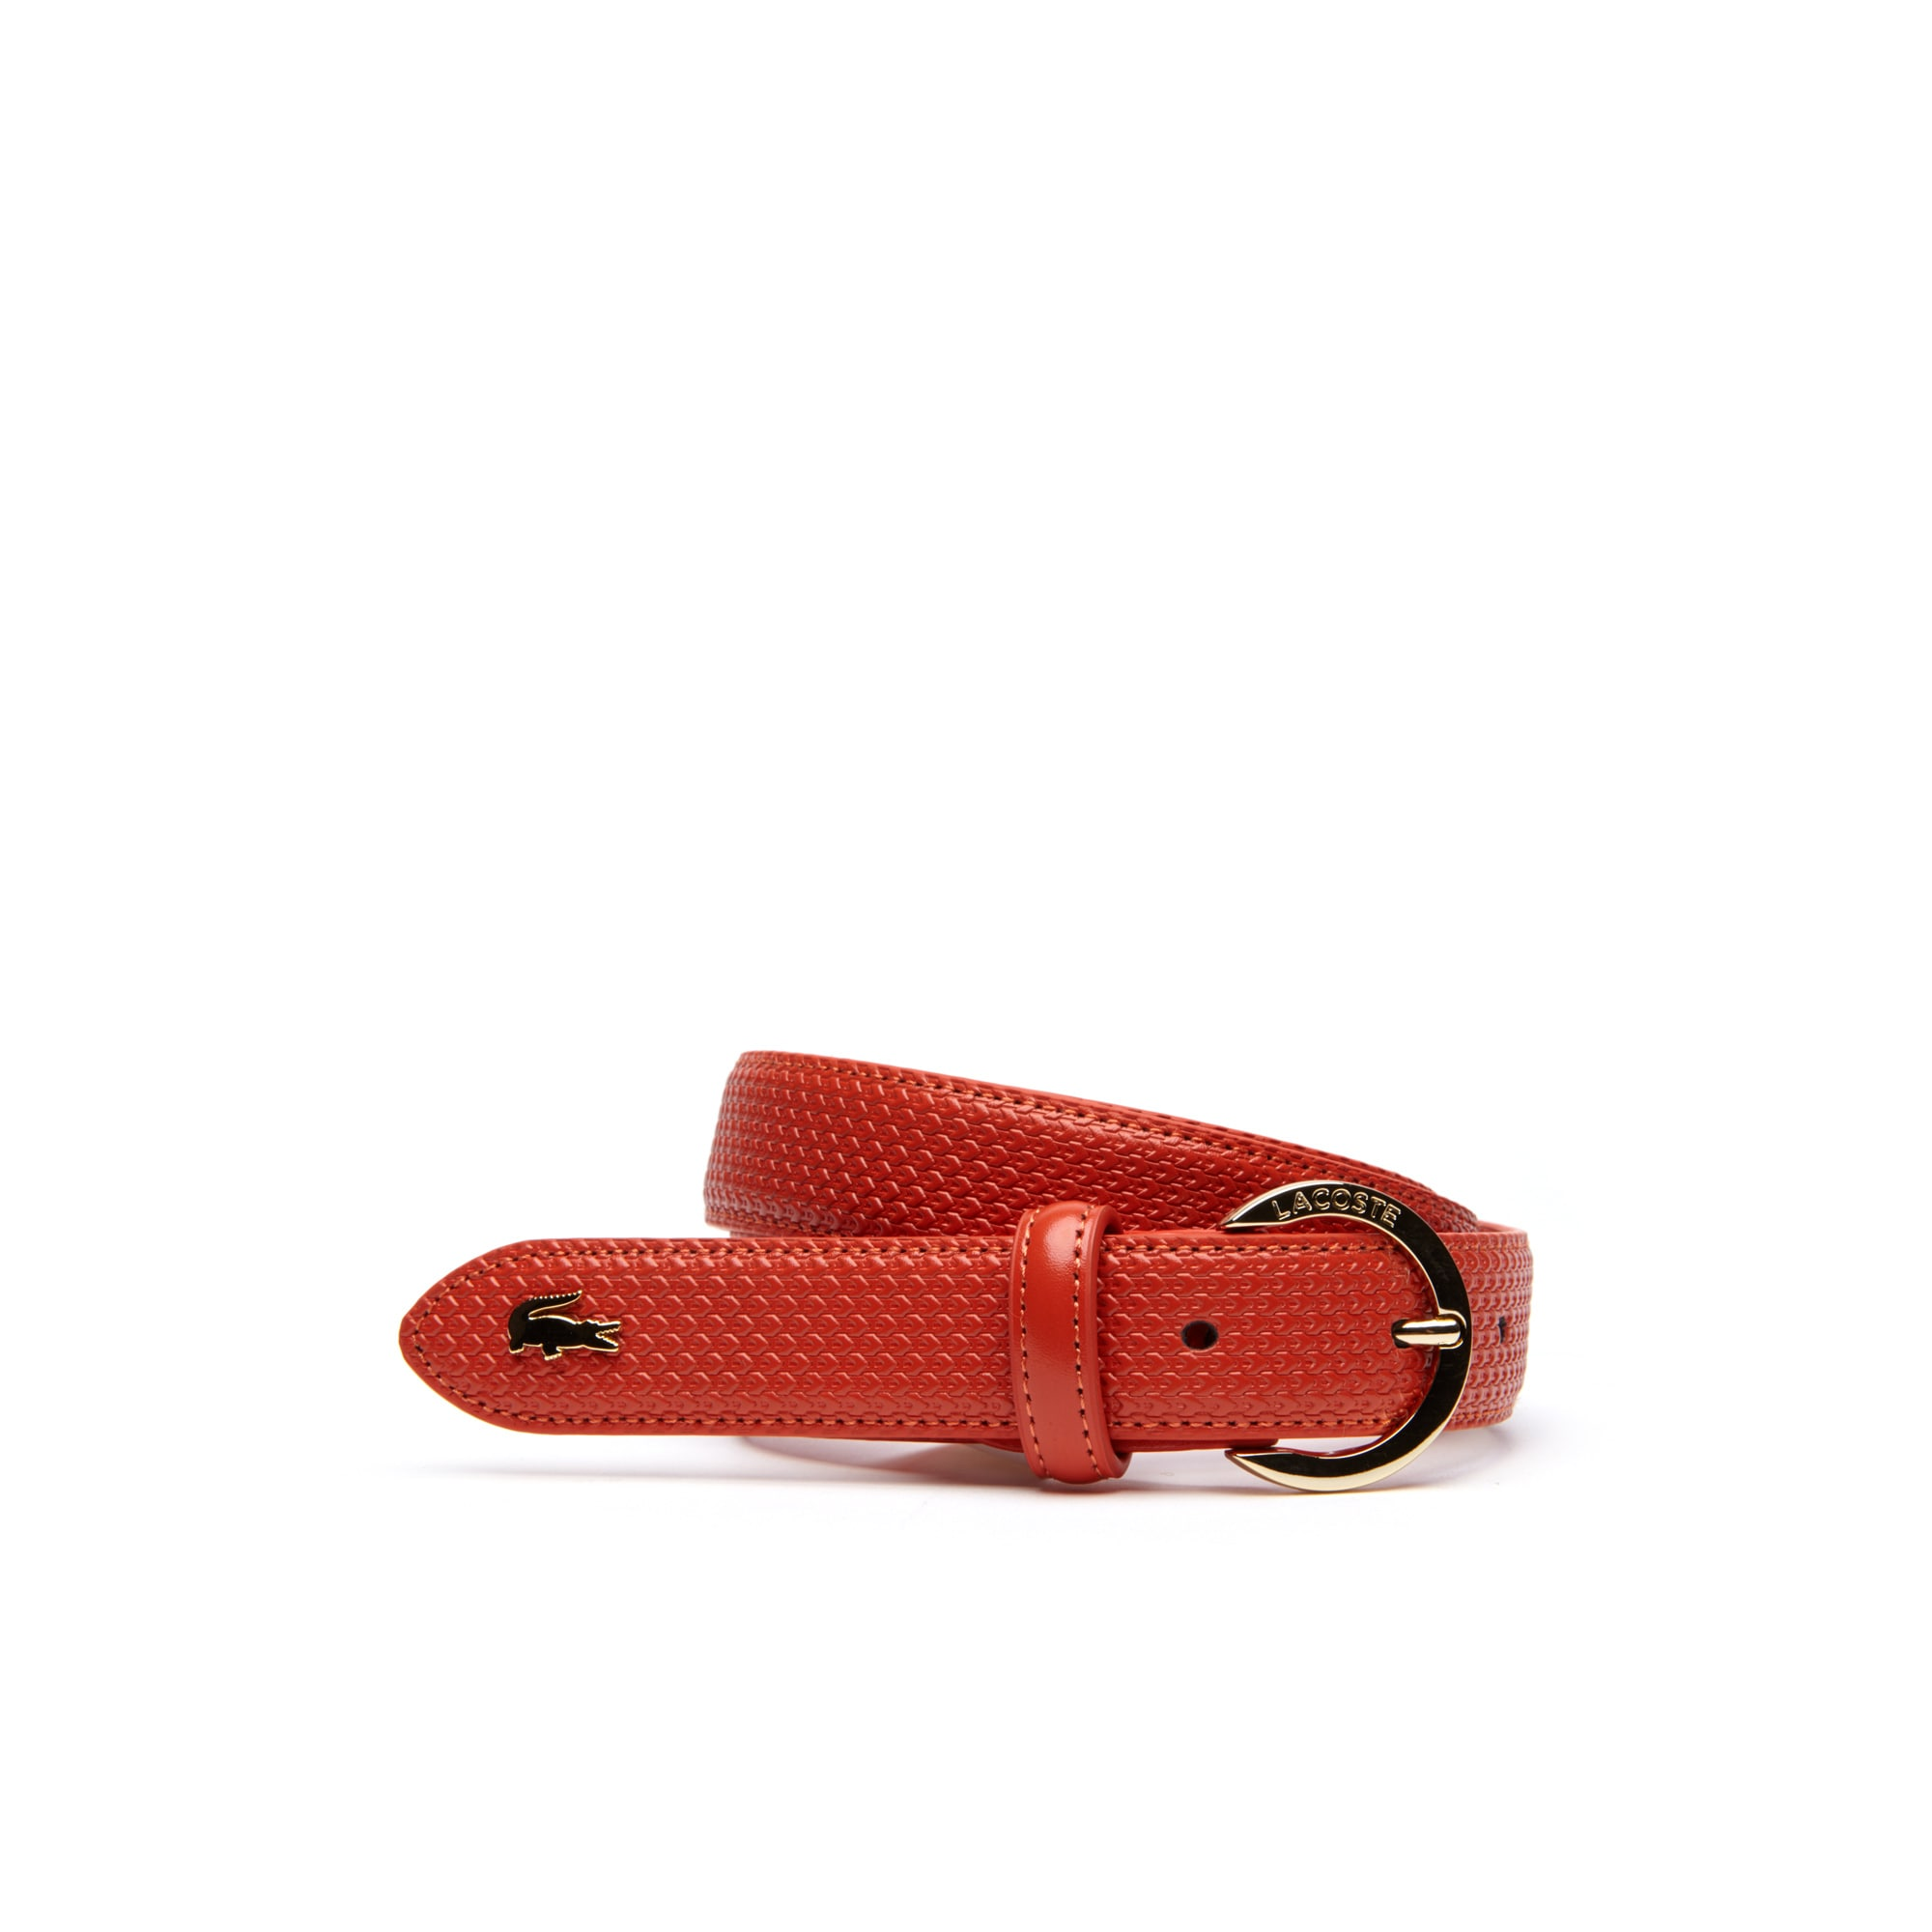 Damen Chantaco Ledergürtel mit runder LACOSTE-gravierter Schnalle